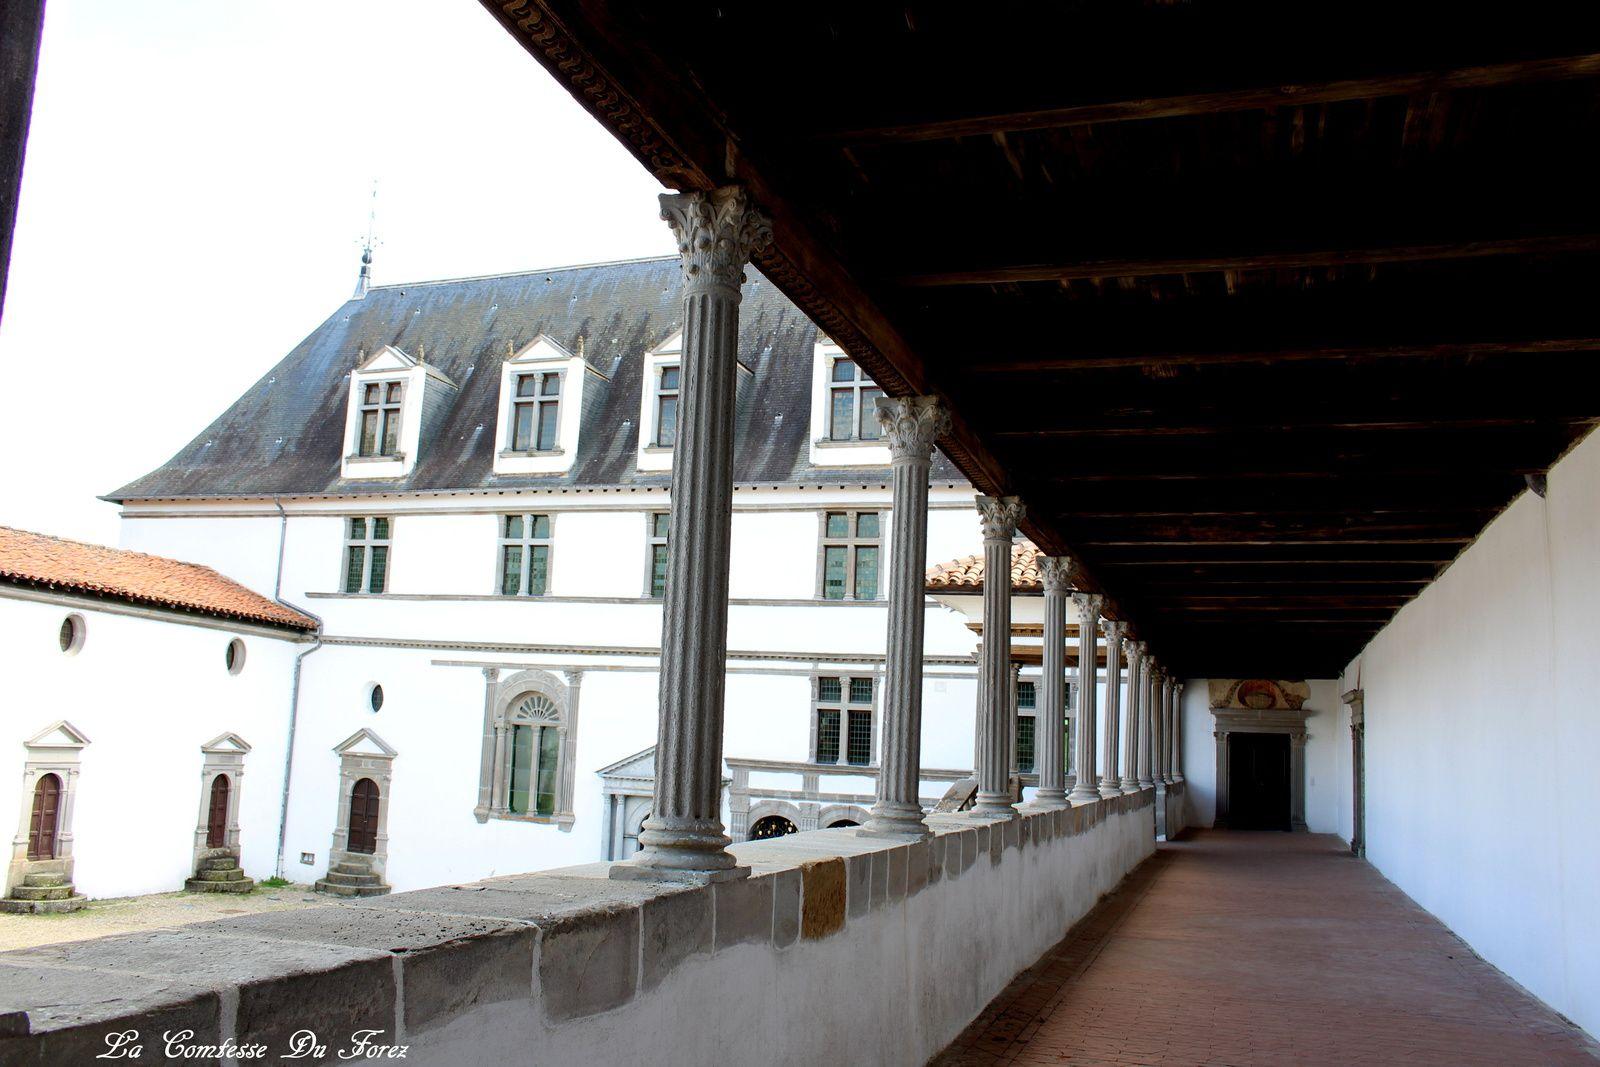 Château de la Bâtie d'Urfé (Saint-Etienne le Molard 42130) Partie 3 : la cour